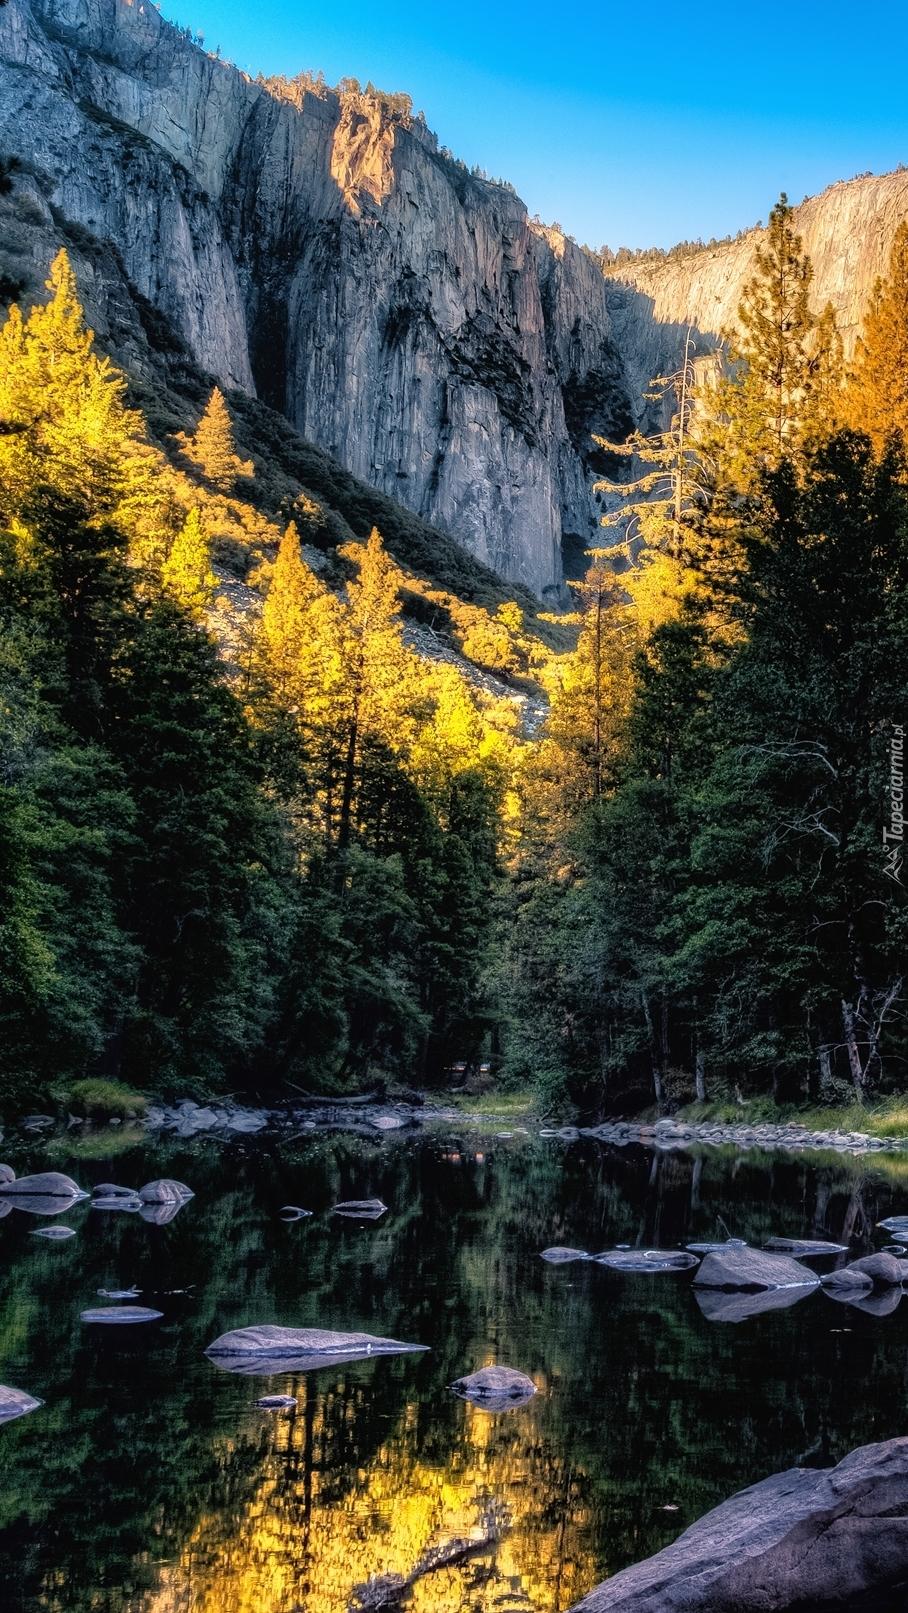 Rzeka w górach otoczona lasem